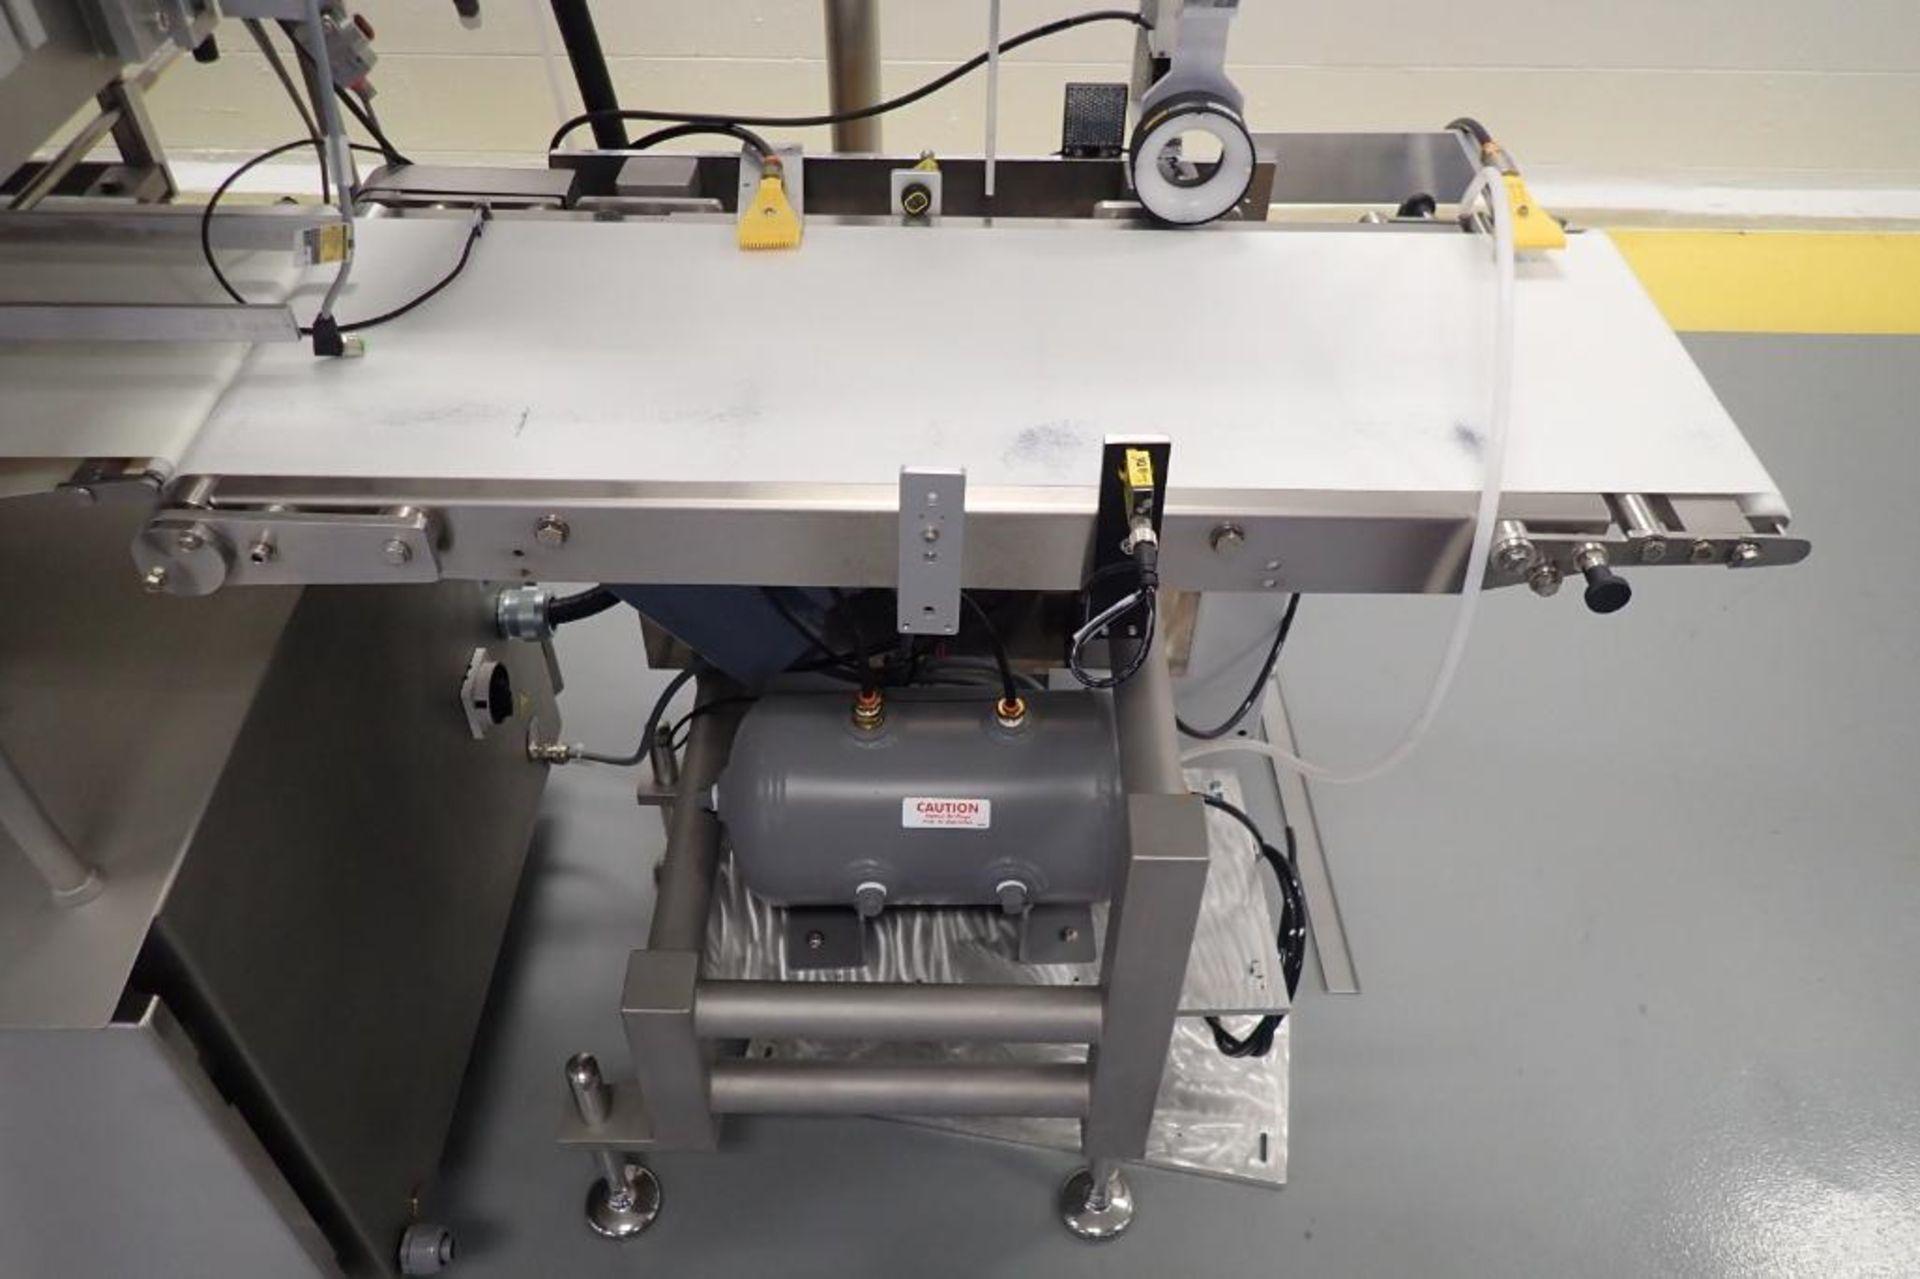 Lot 2 - 2015 GEA twinstar 8 spot tray sealer, SN 4047100314, 4 in. infeed x 12.5 in. discharge, Allen